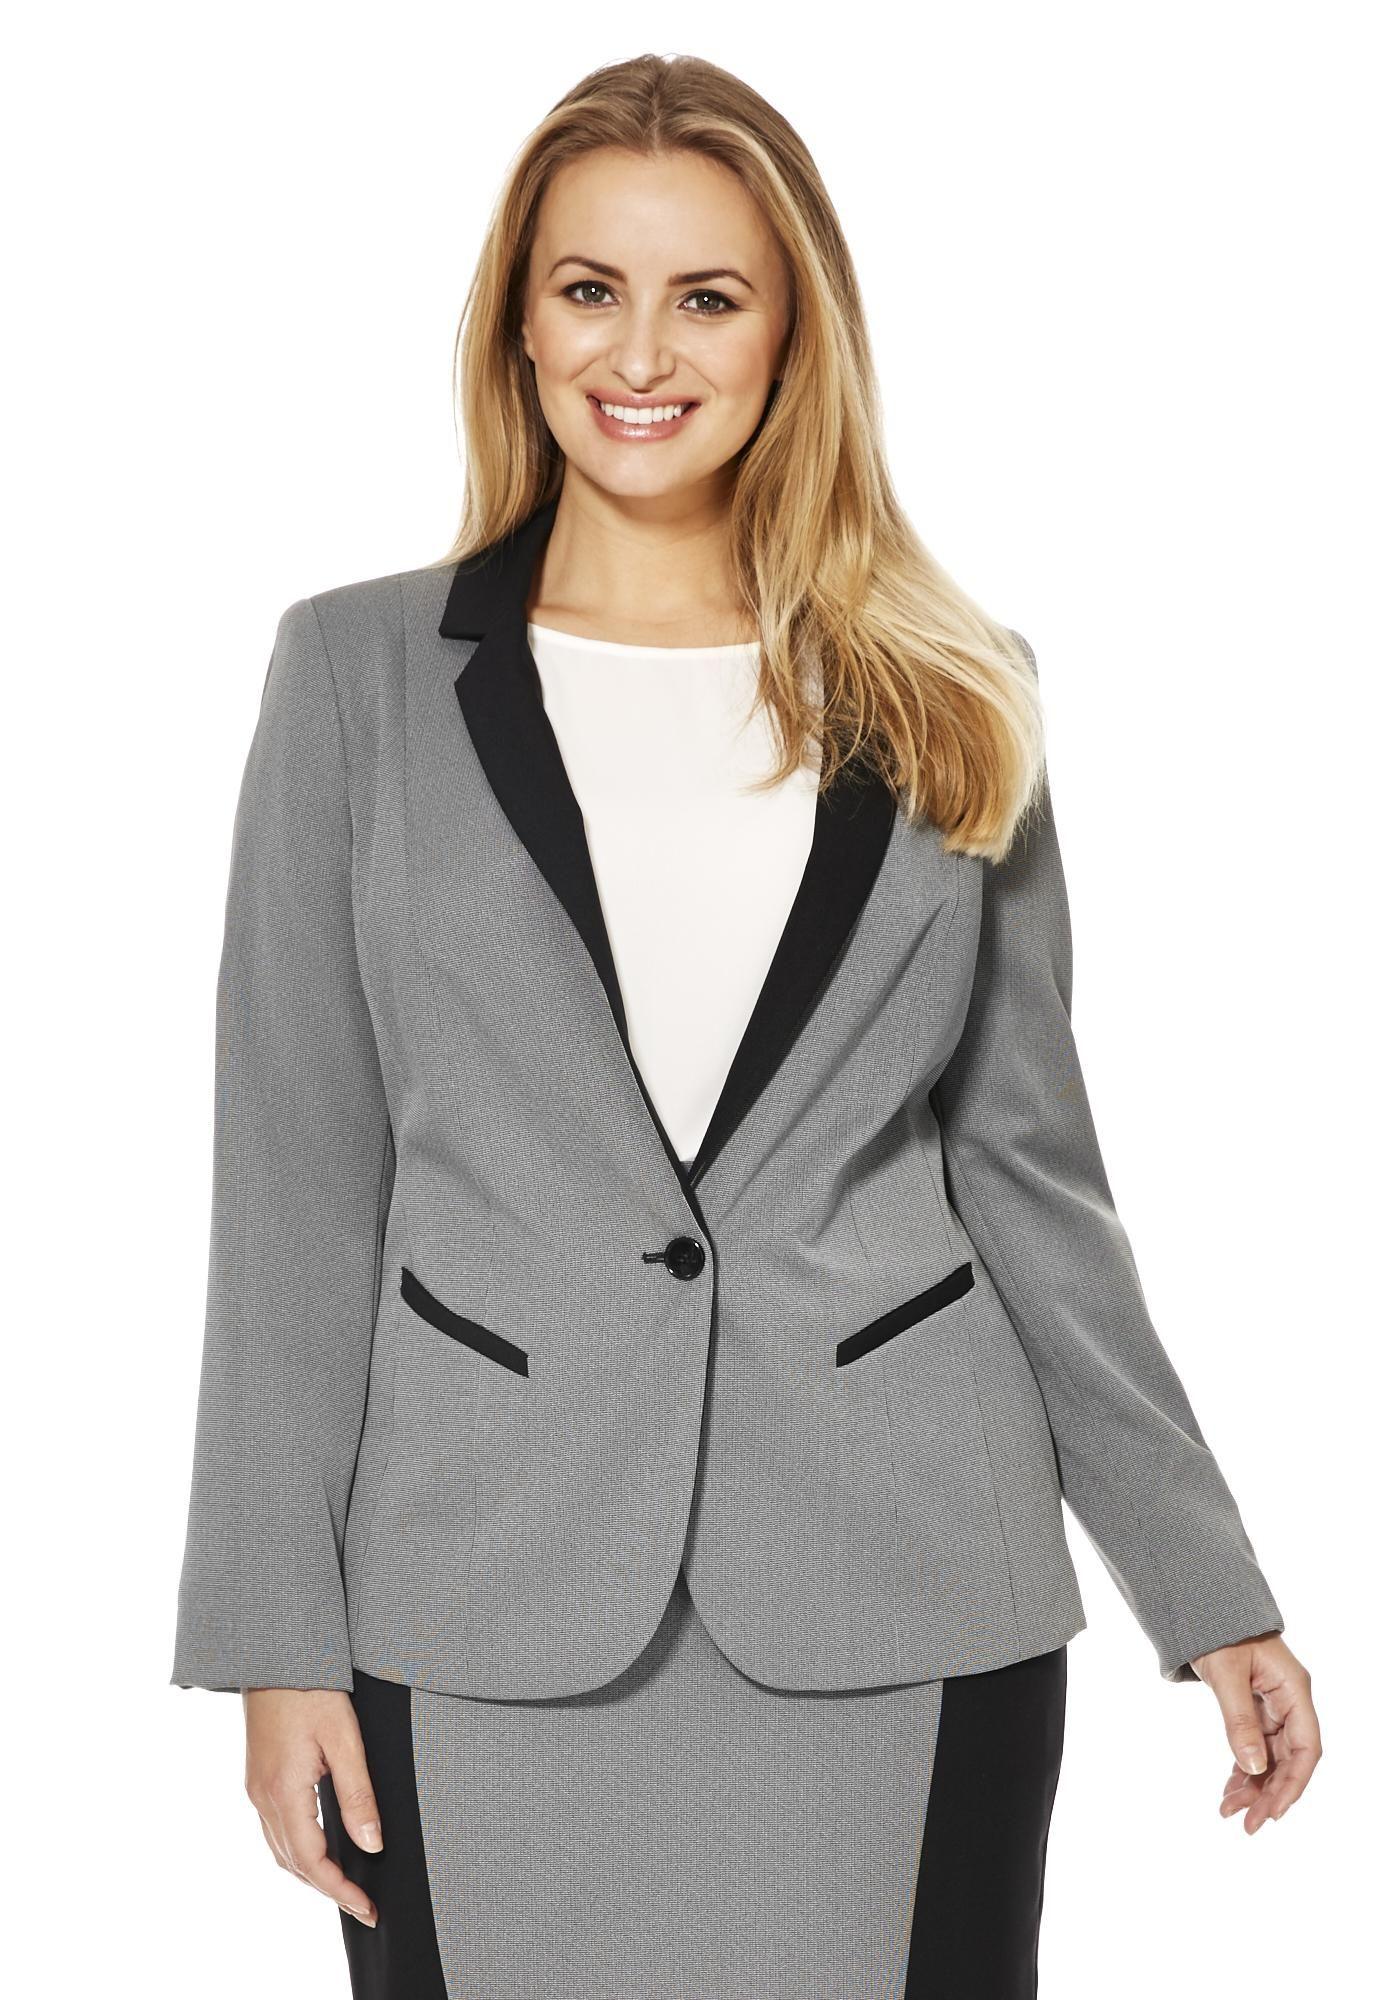 F&F True Fine Check Colour Block Plus Size Suit Jacket